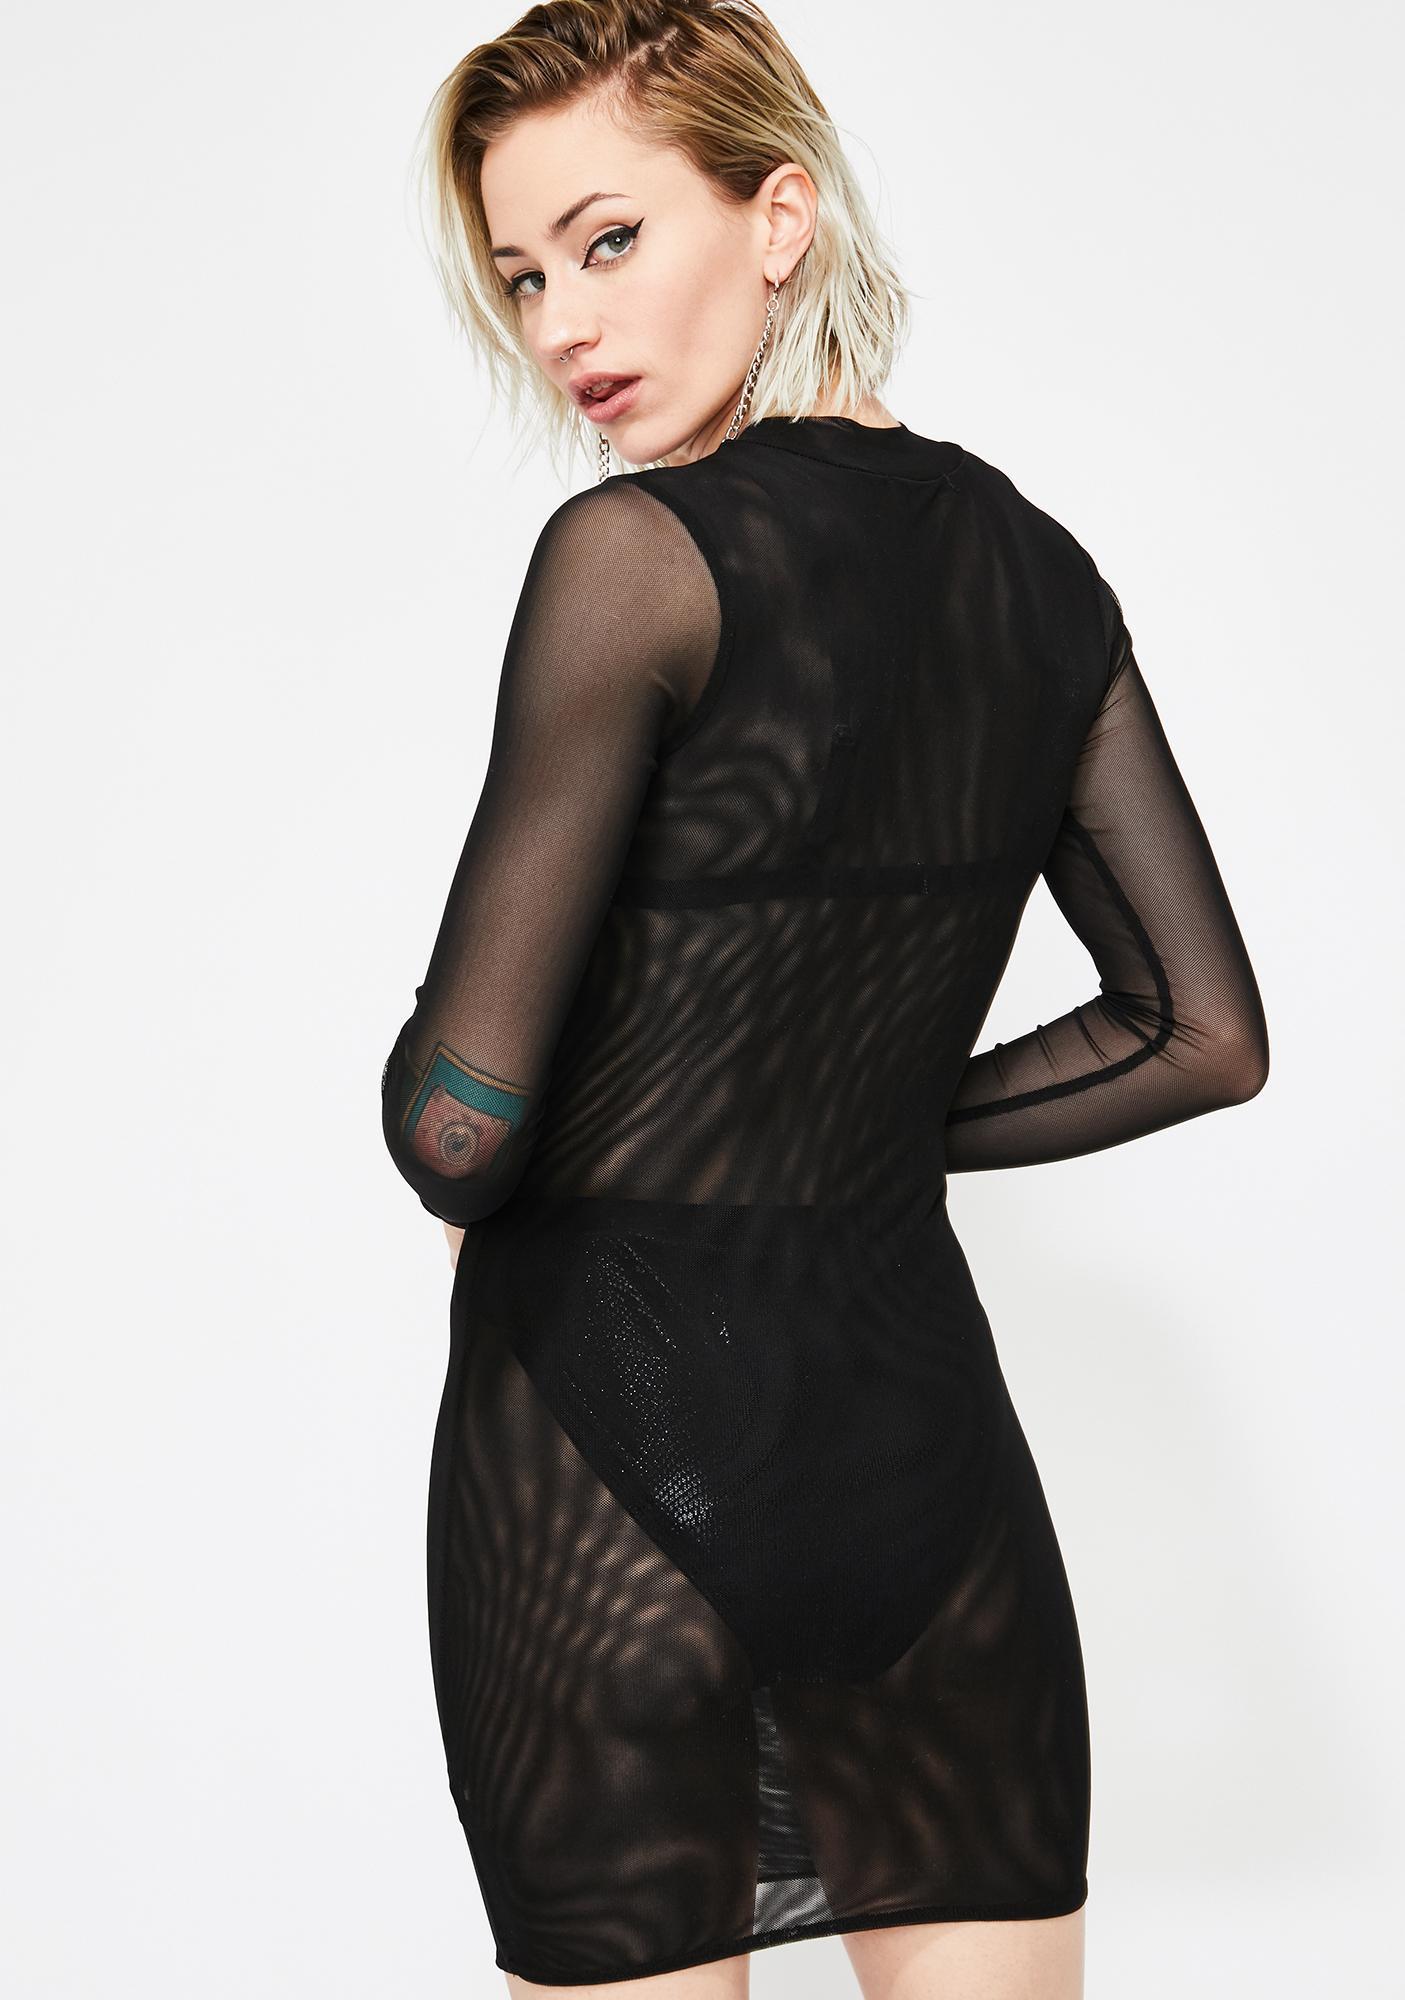 Night Meshin' Around Bodycon Dress